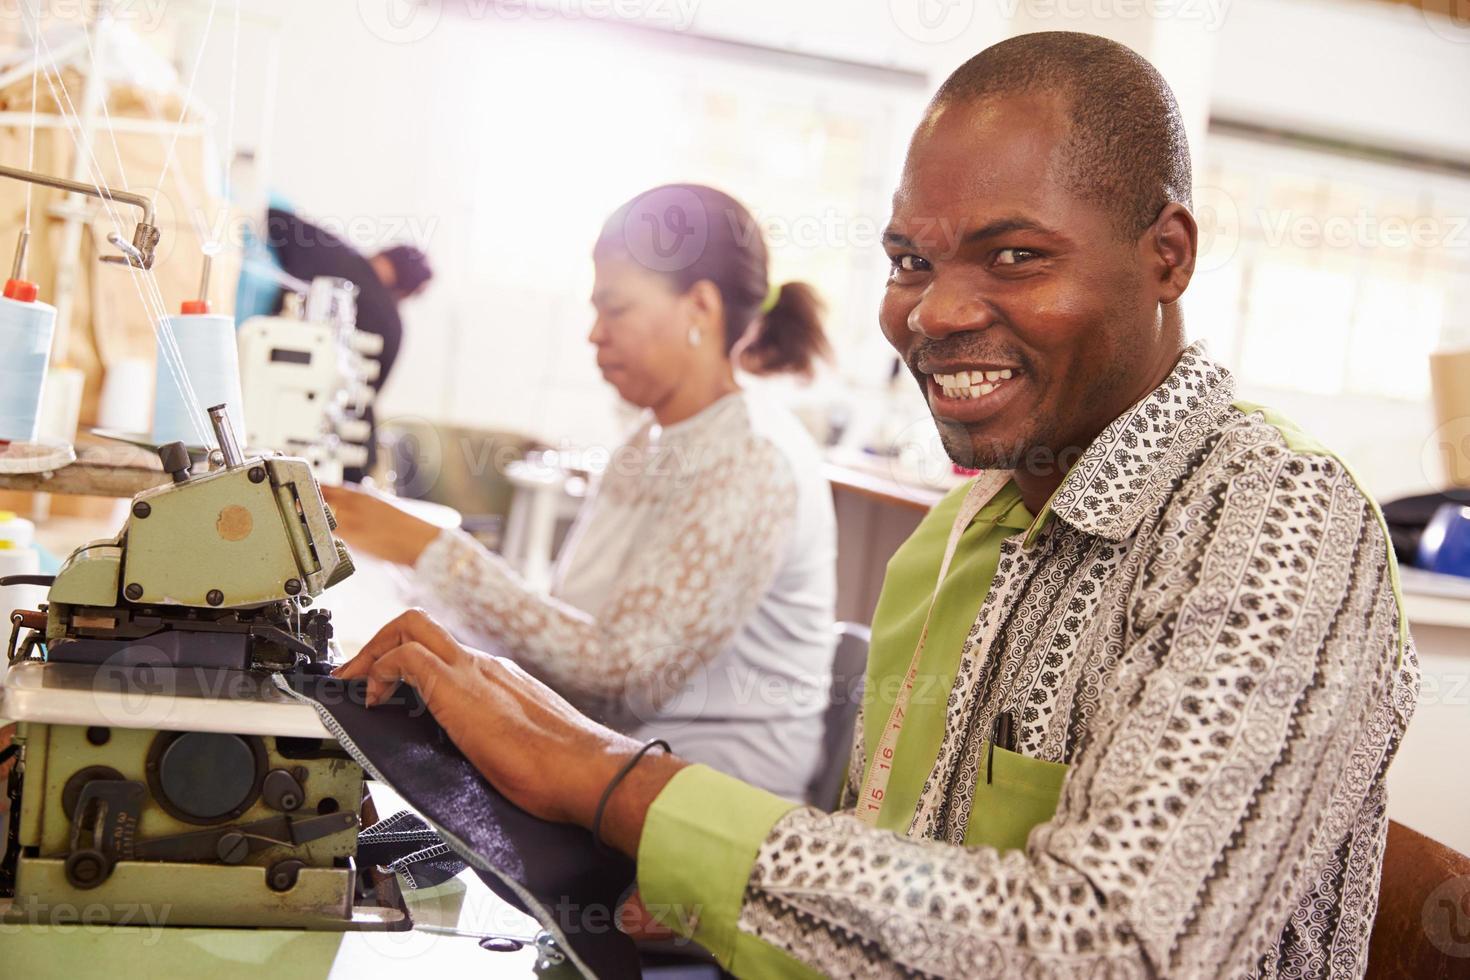 Hombre sonriente cosiendo en un taller comunitario, Sudáfrica foto